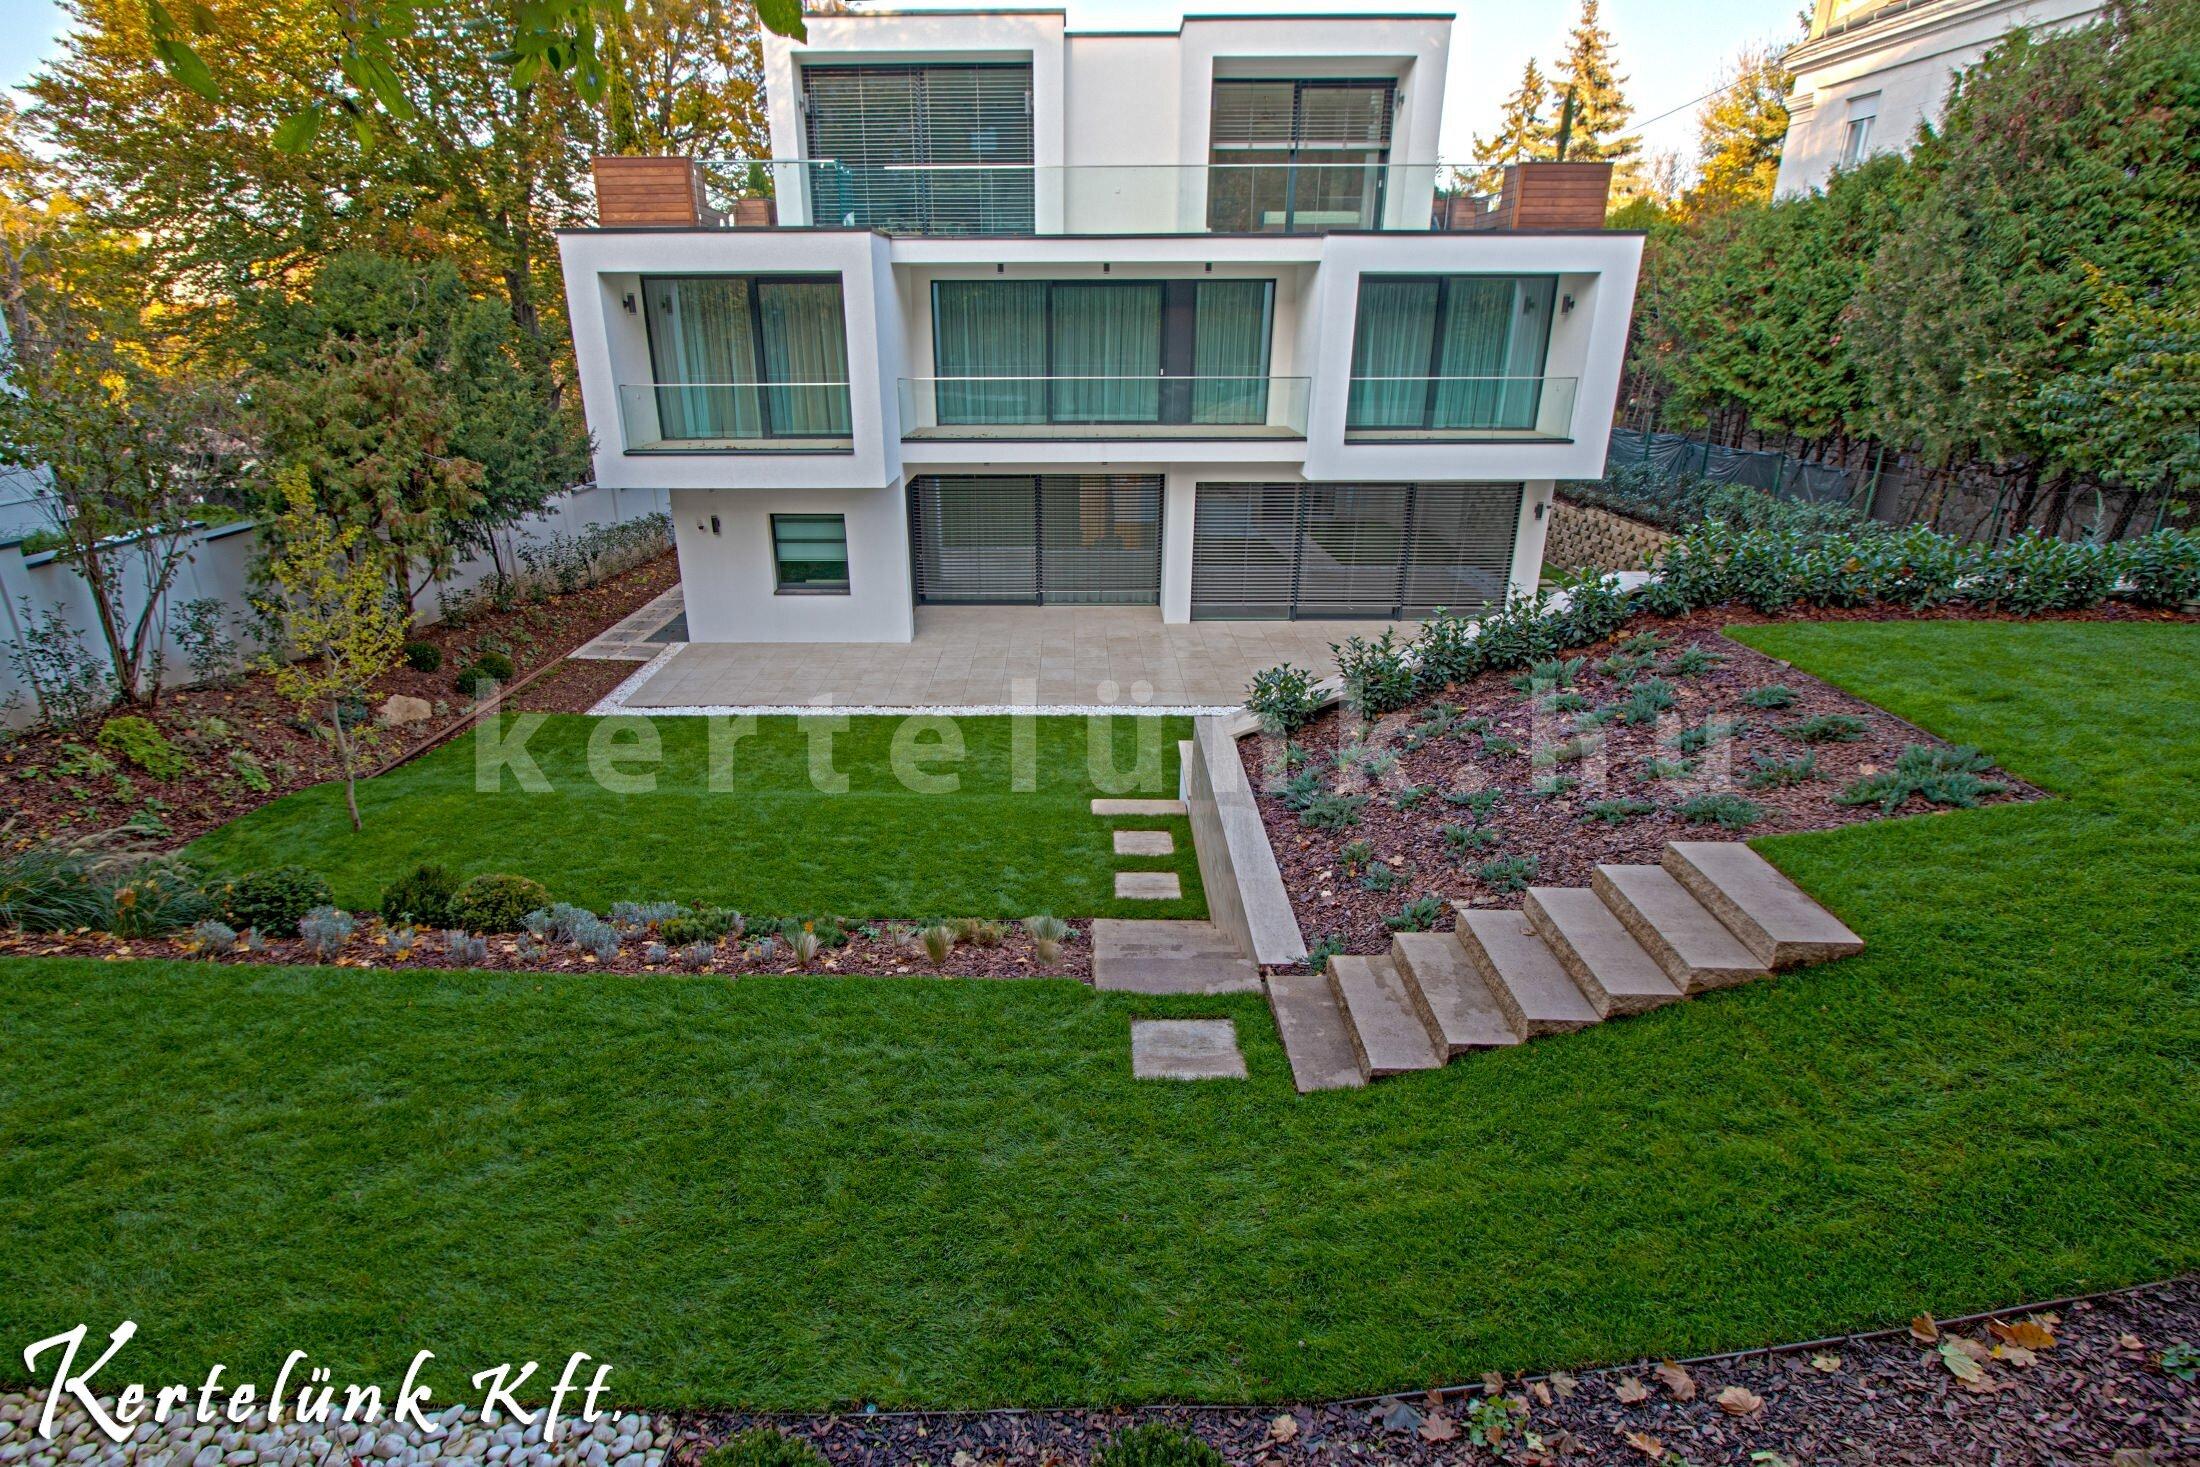 Minimál stílusú ház és kertdesign.